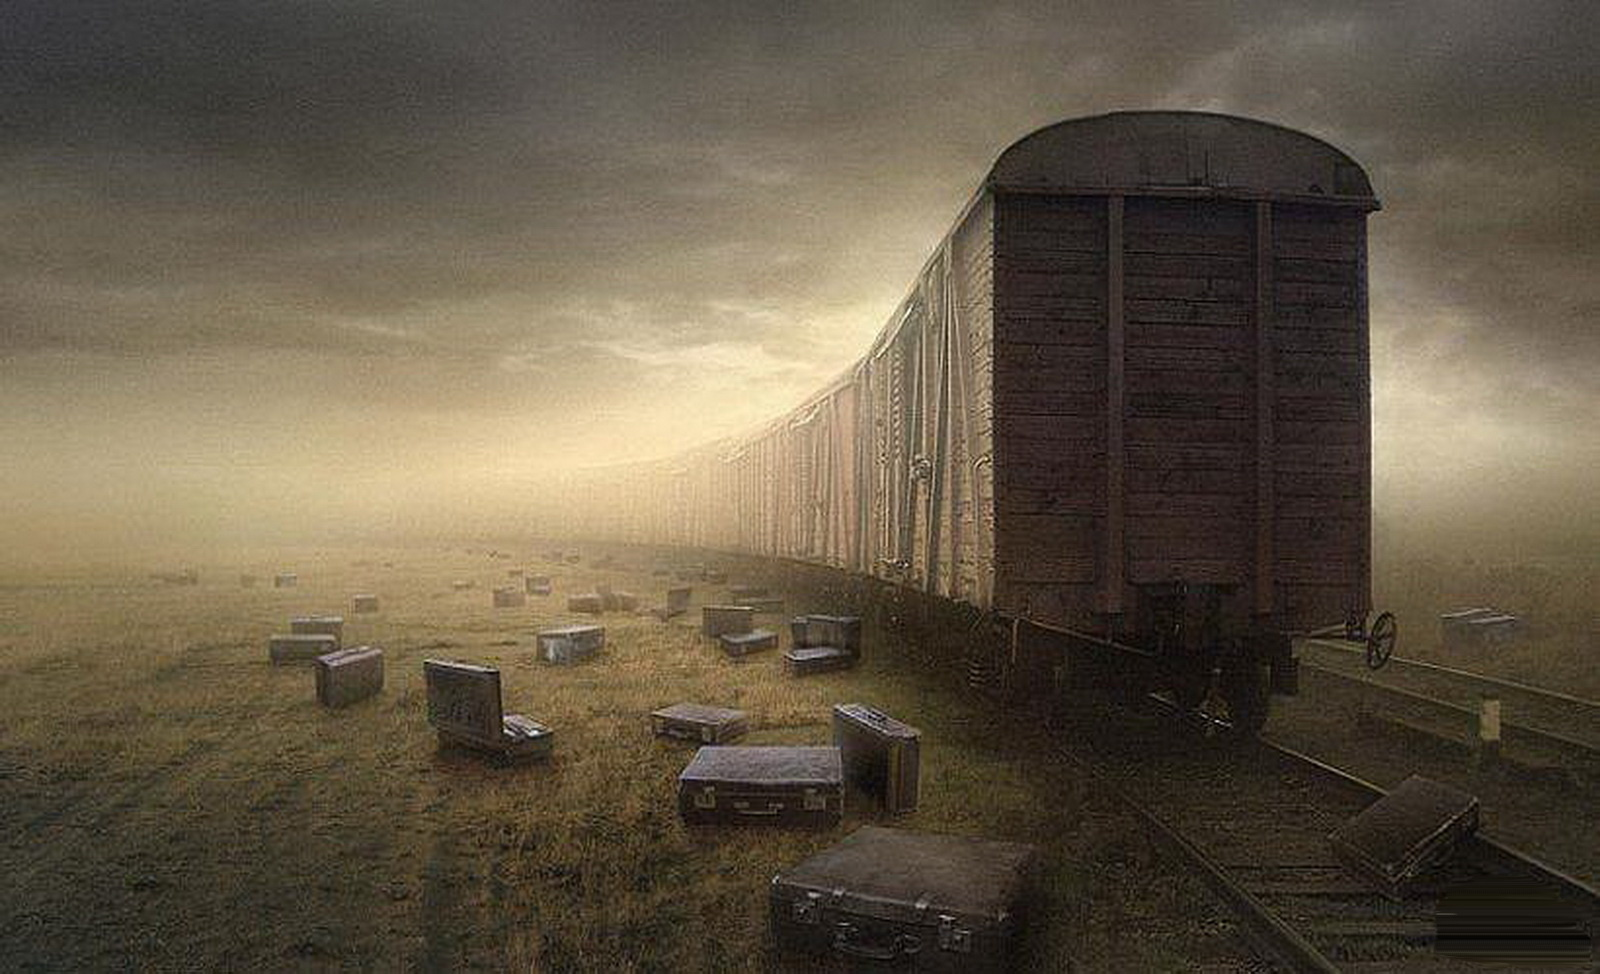 рекомендуют поезд картинки со смыслом нежностью смотрели друг